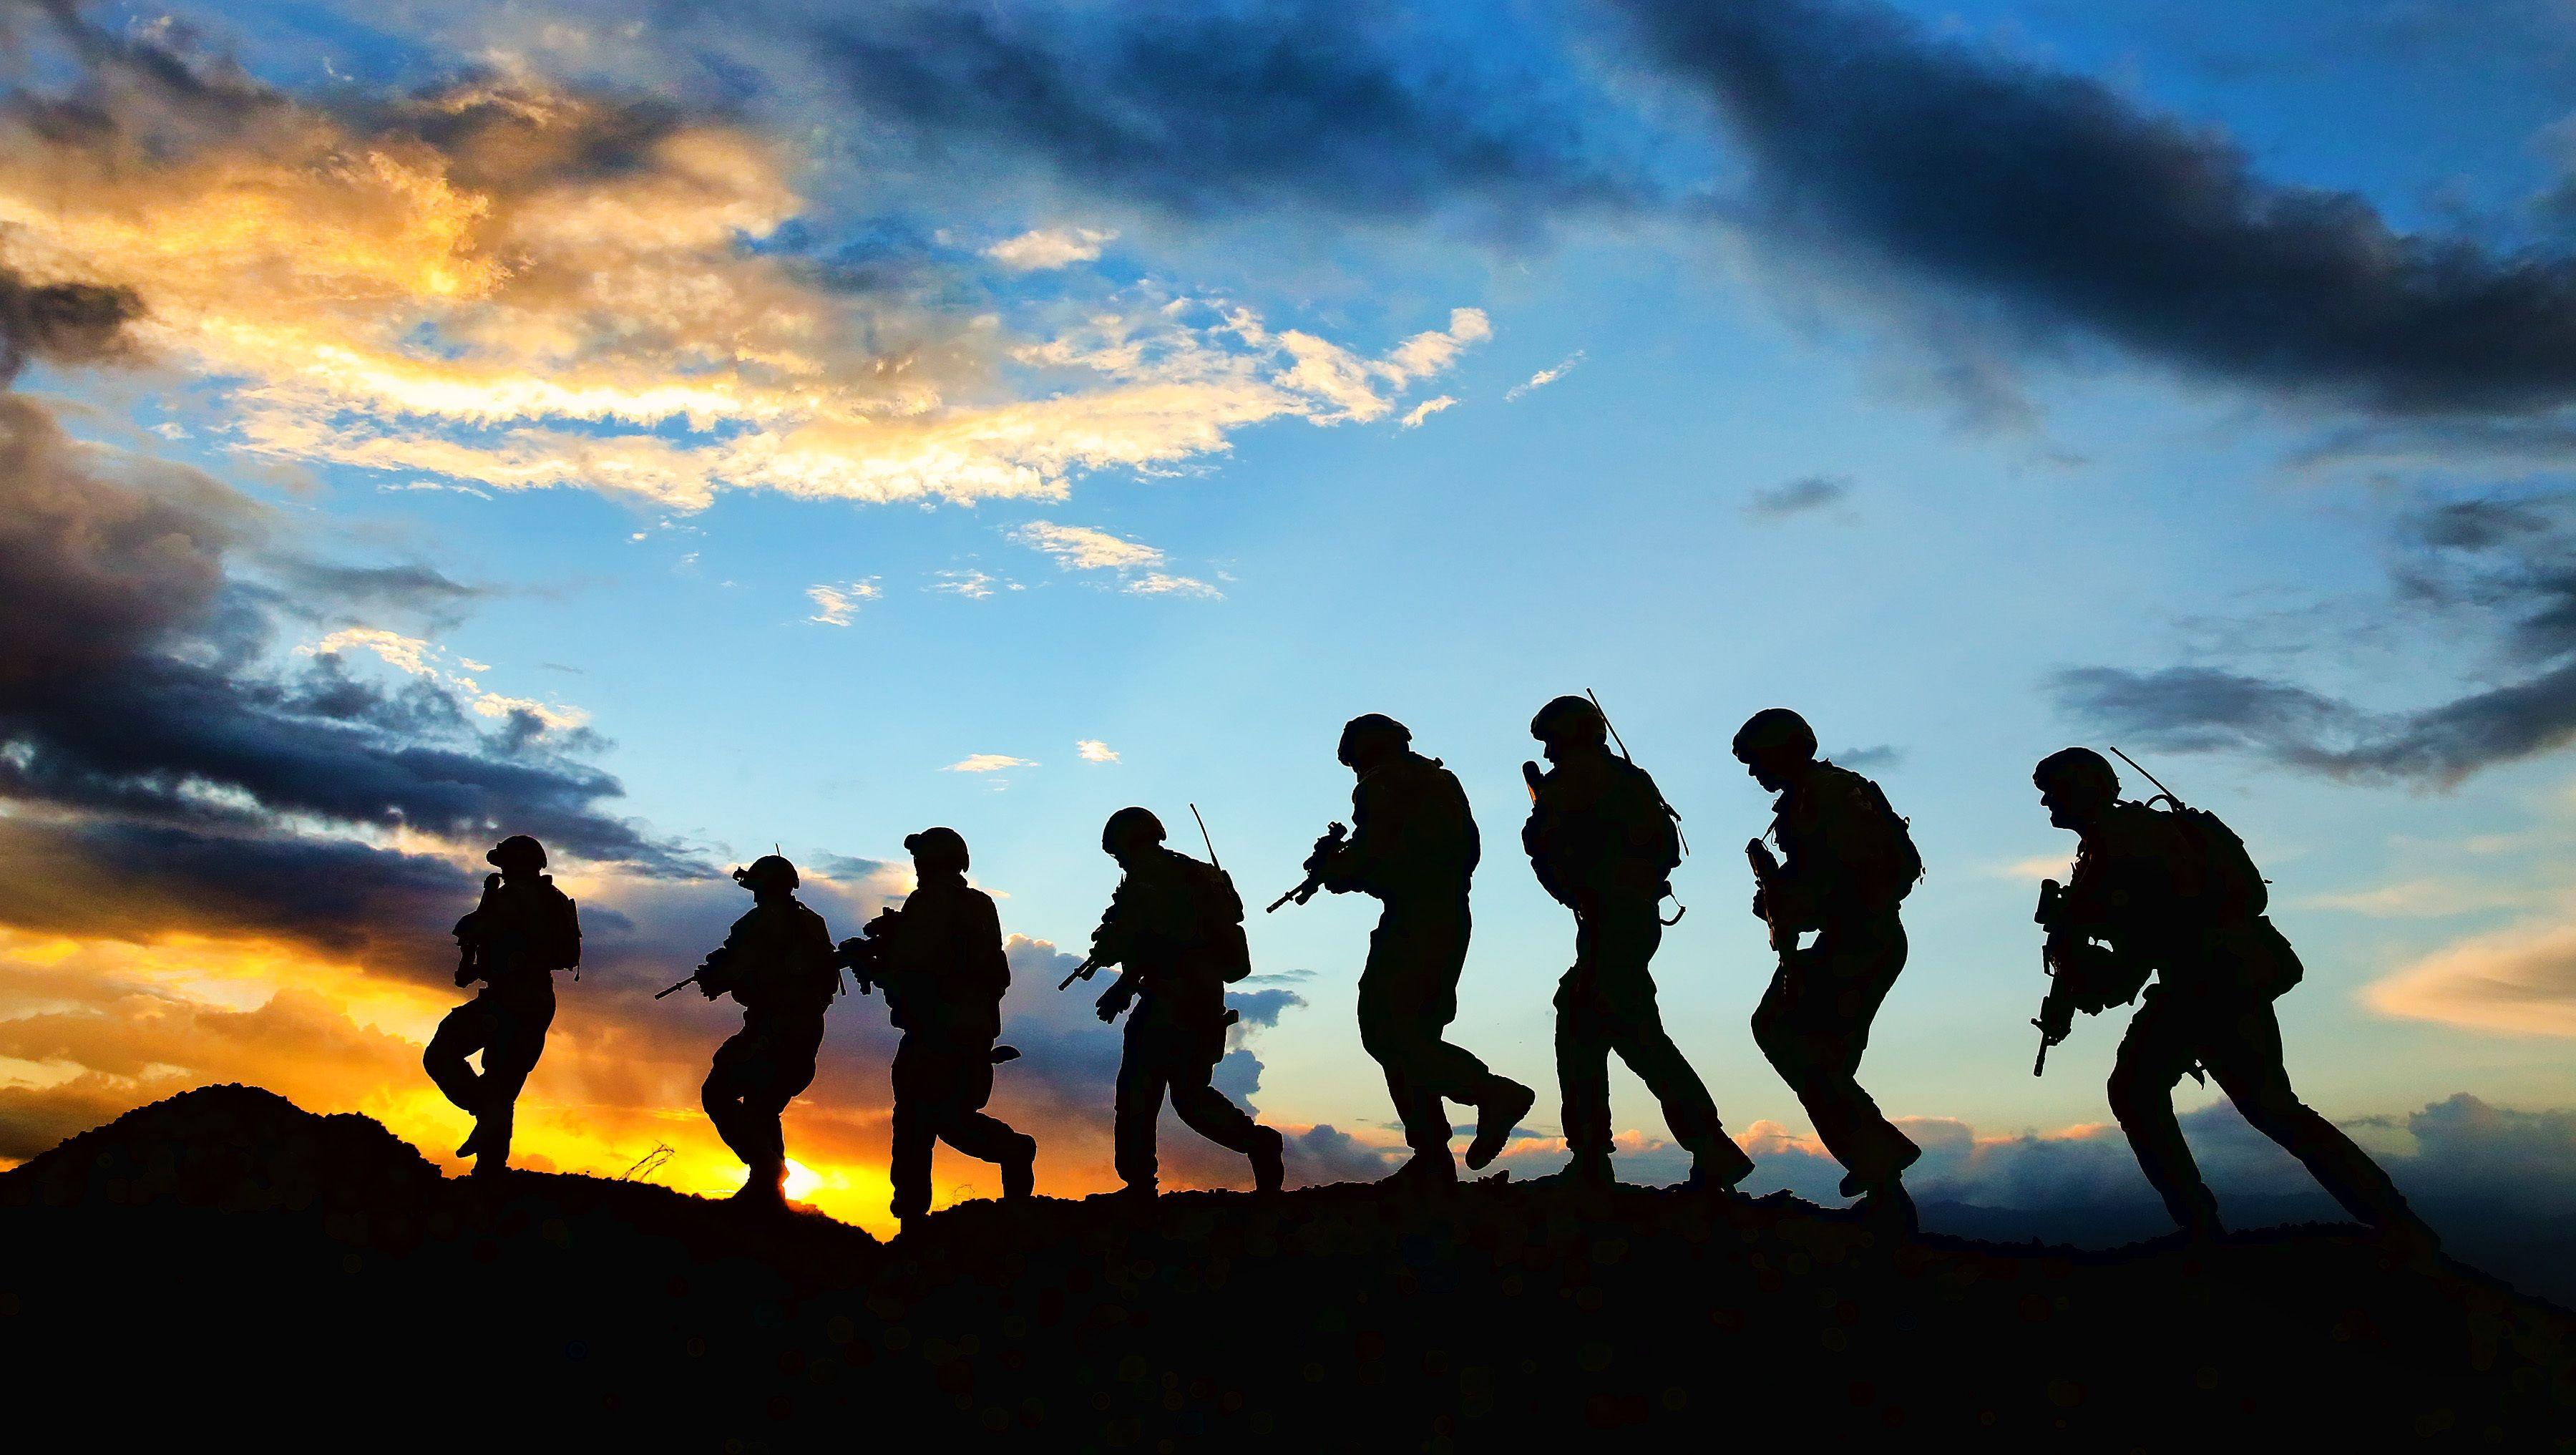 Resultado de imagen para soldier shadow